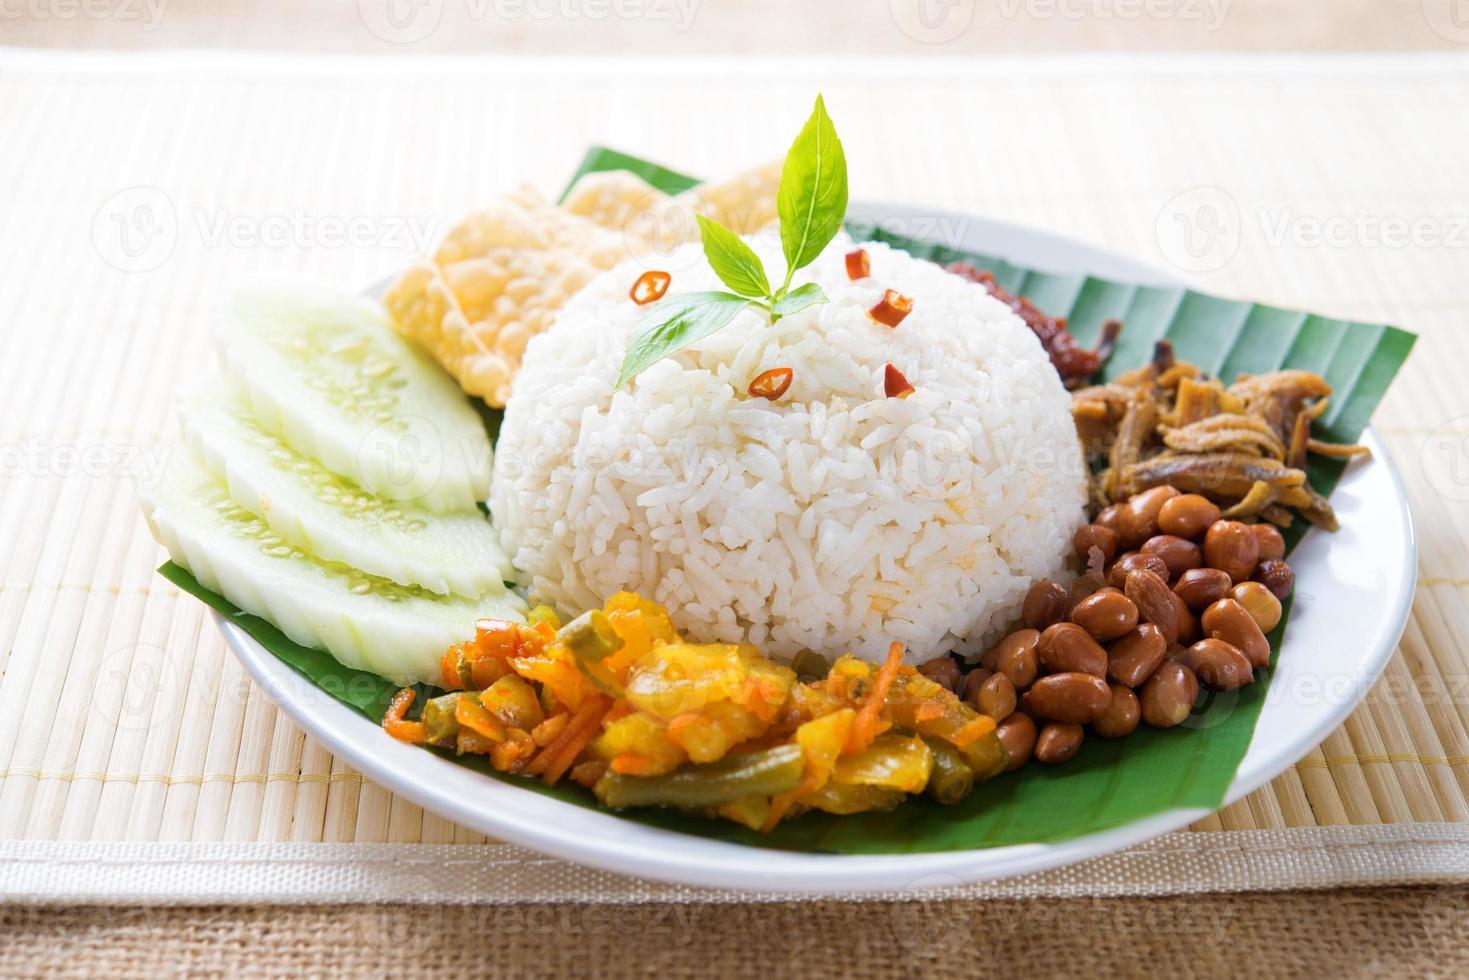 comida malaia nasi lemak foto